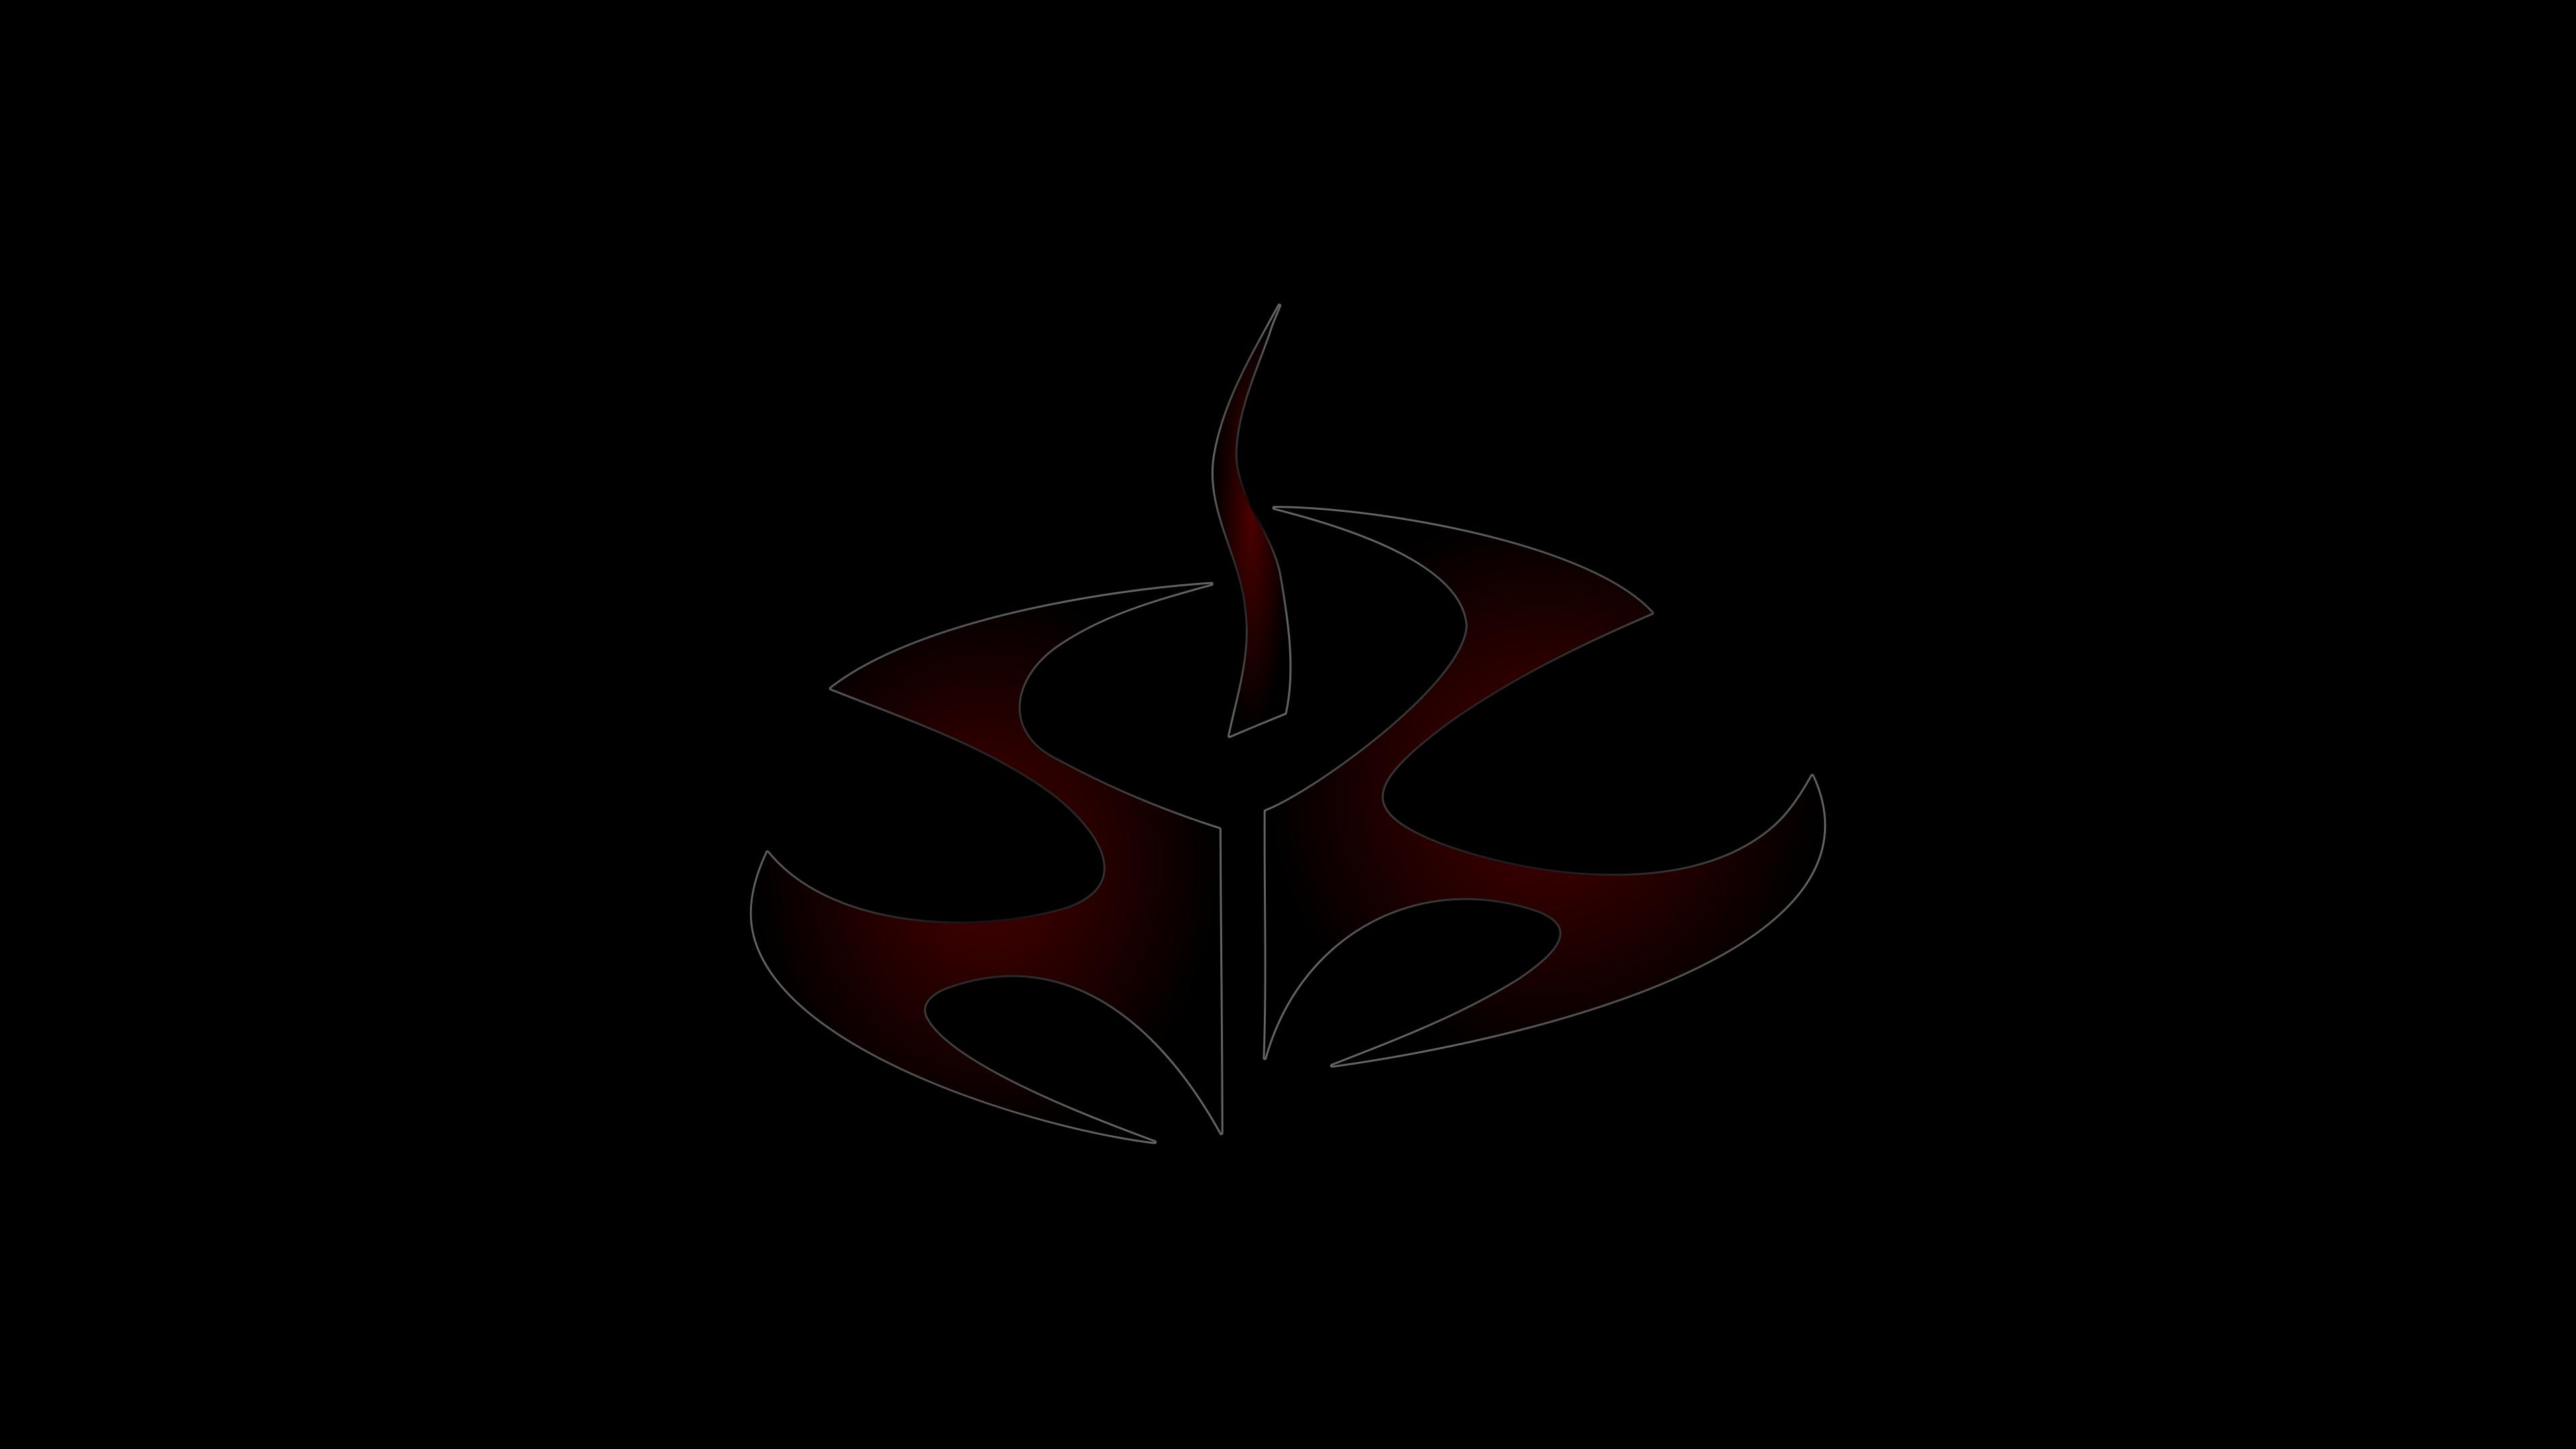 hitman logo wallpaper